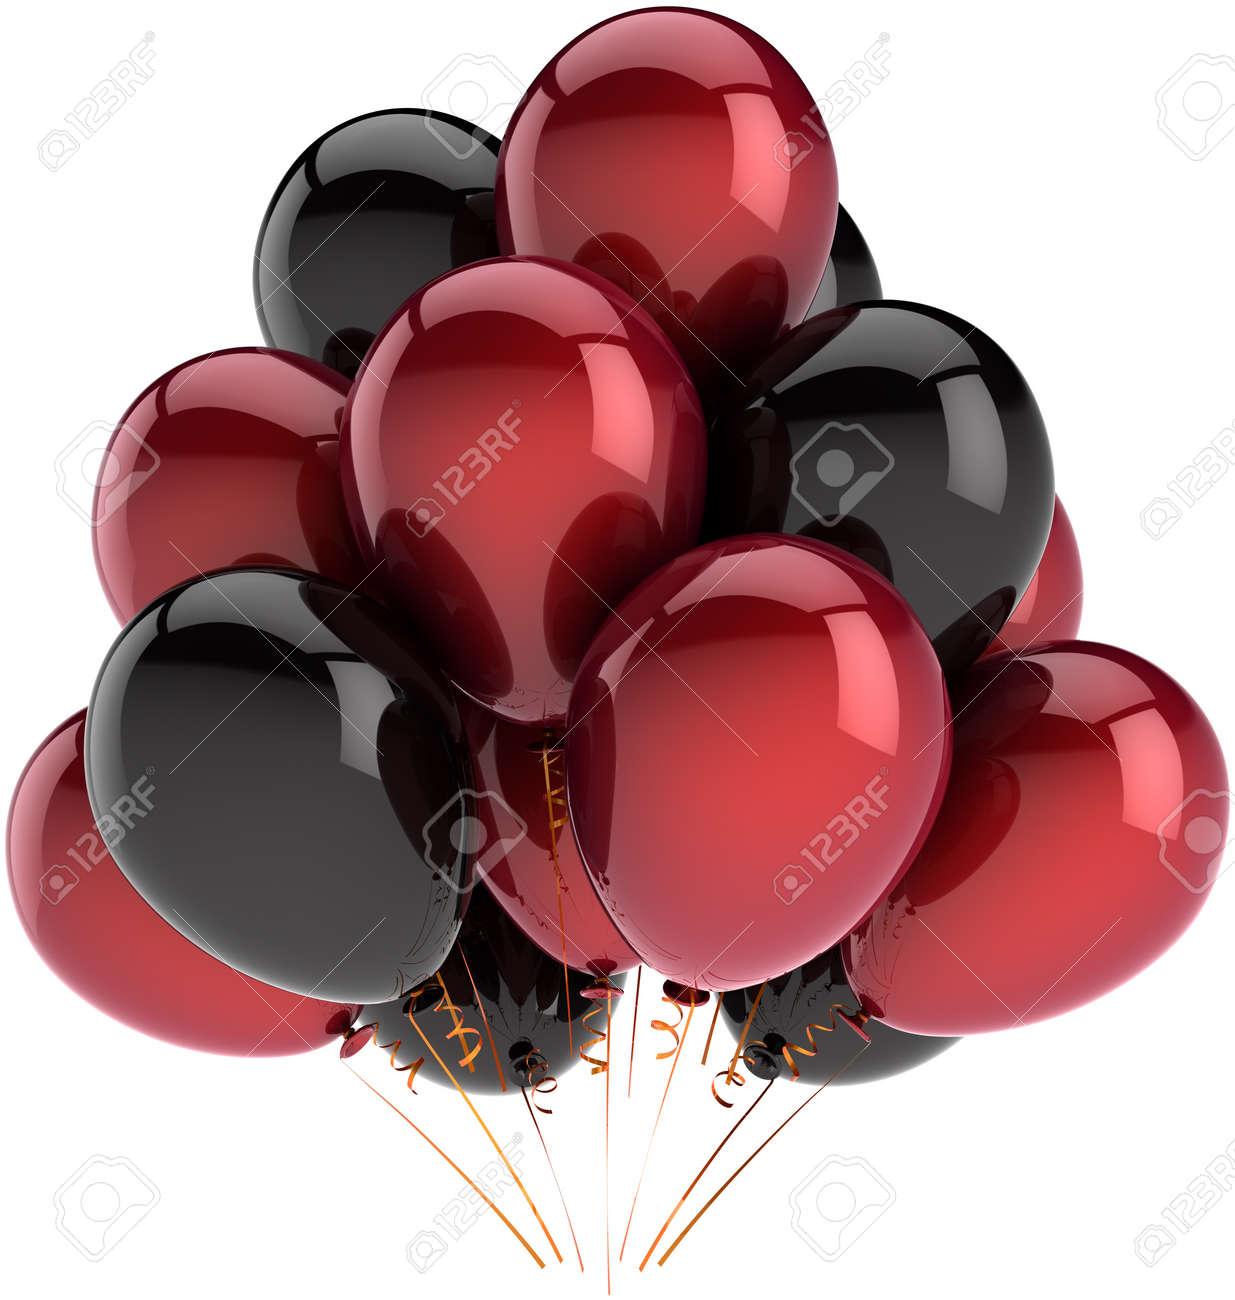 Banque d\u0027images , Décoration de ballons fête anniversaire multicolore  profonde rouge et noir. Résumé de la joie heureux amusant.